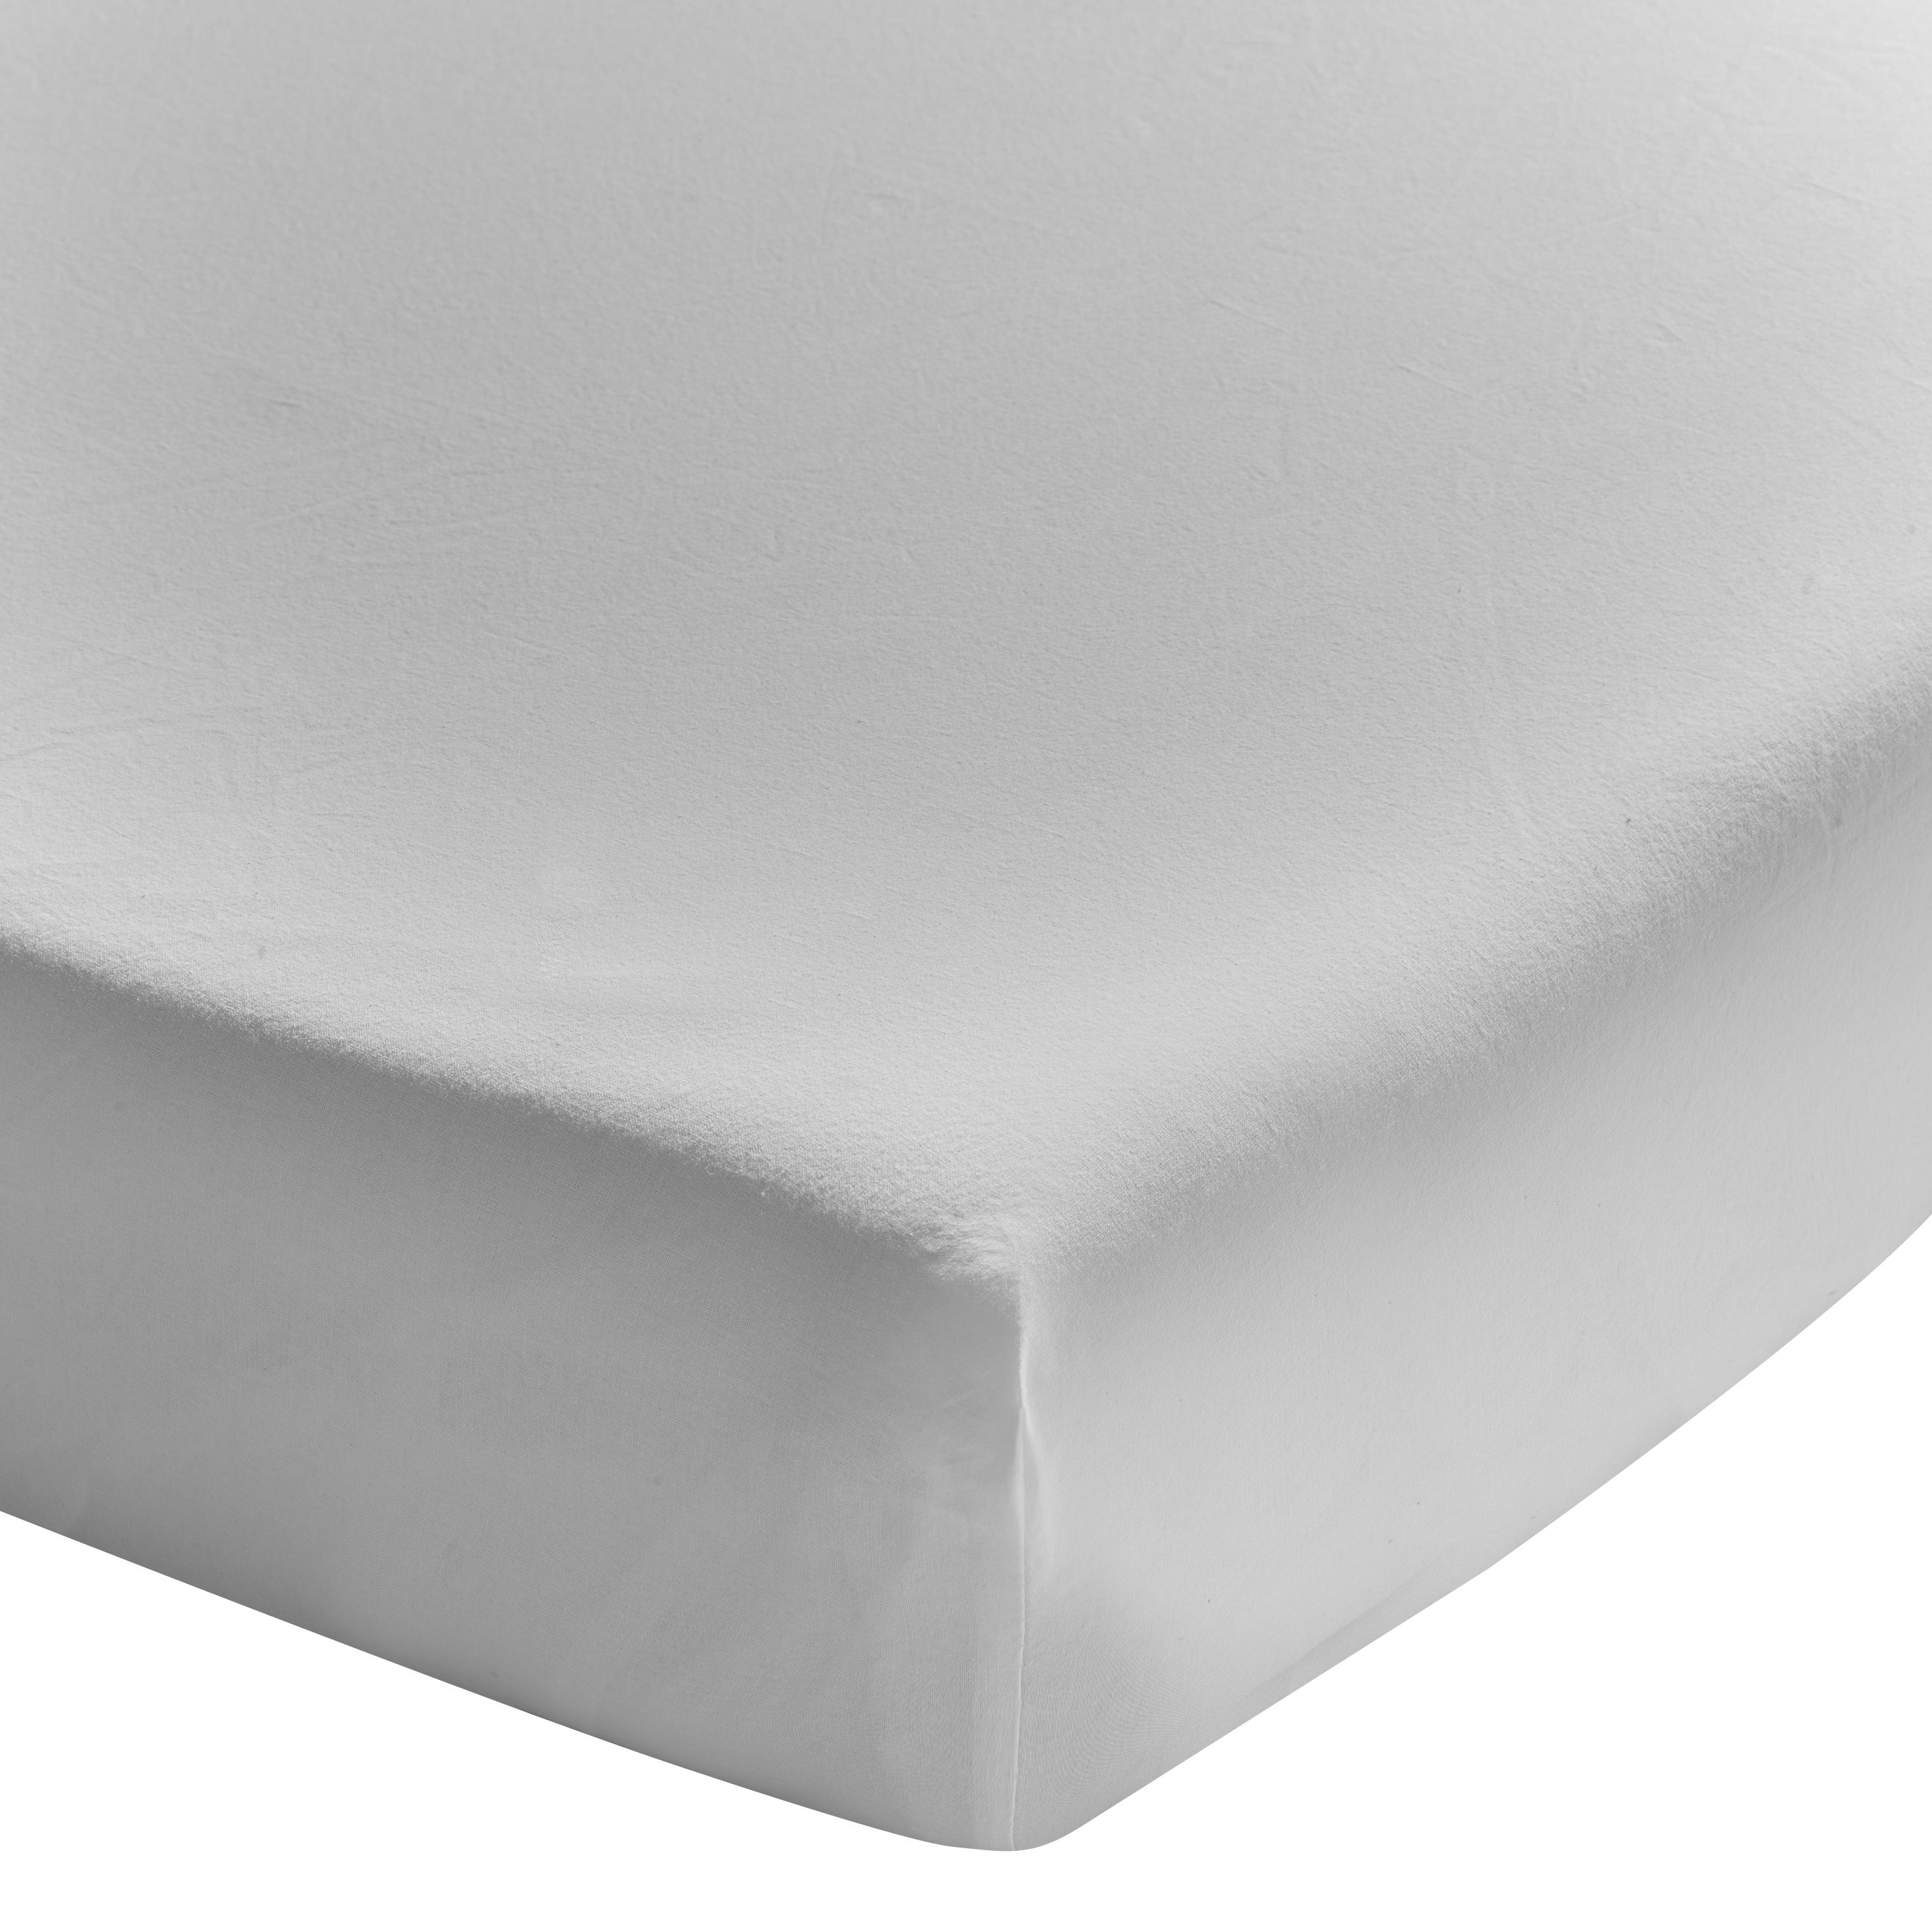 Drap housse uni en coton lavé gris Mastic 90x200